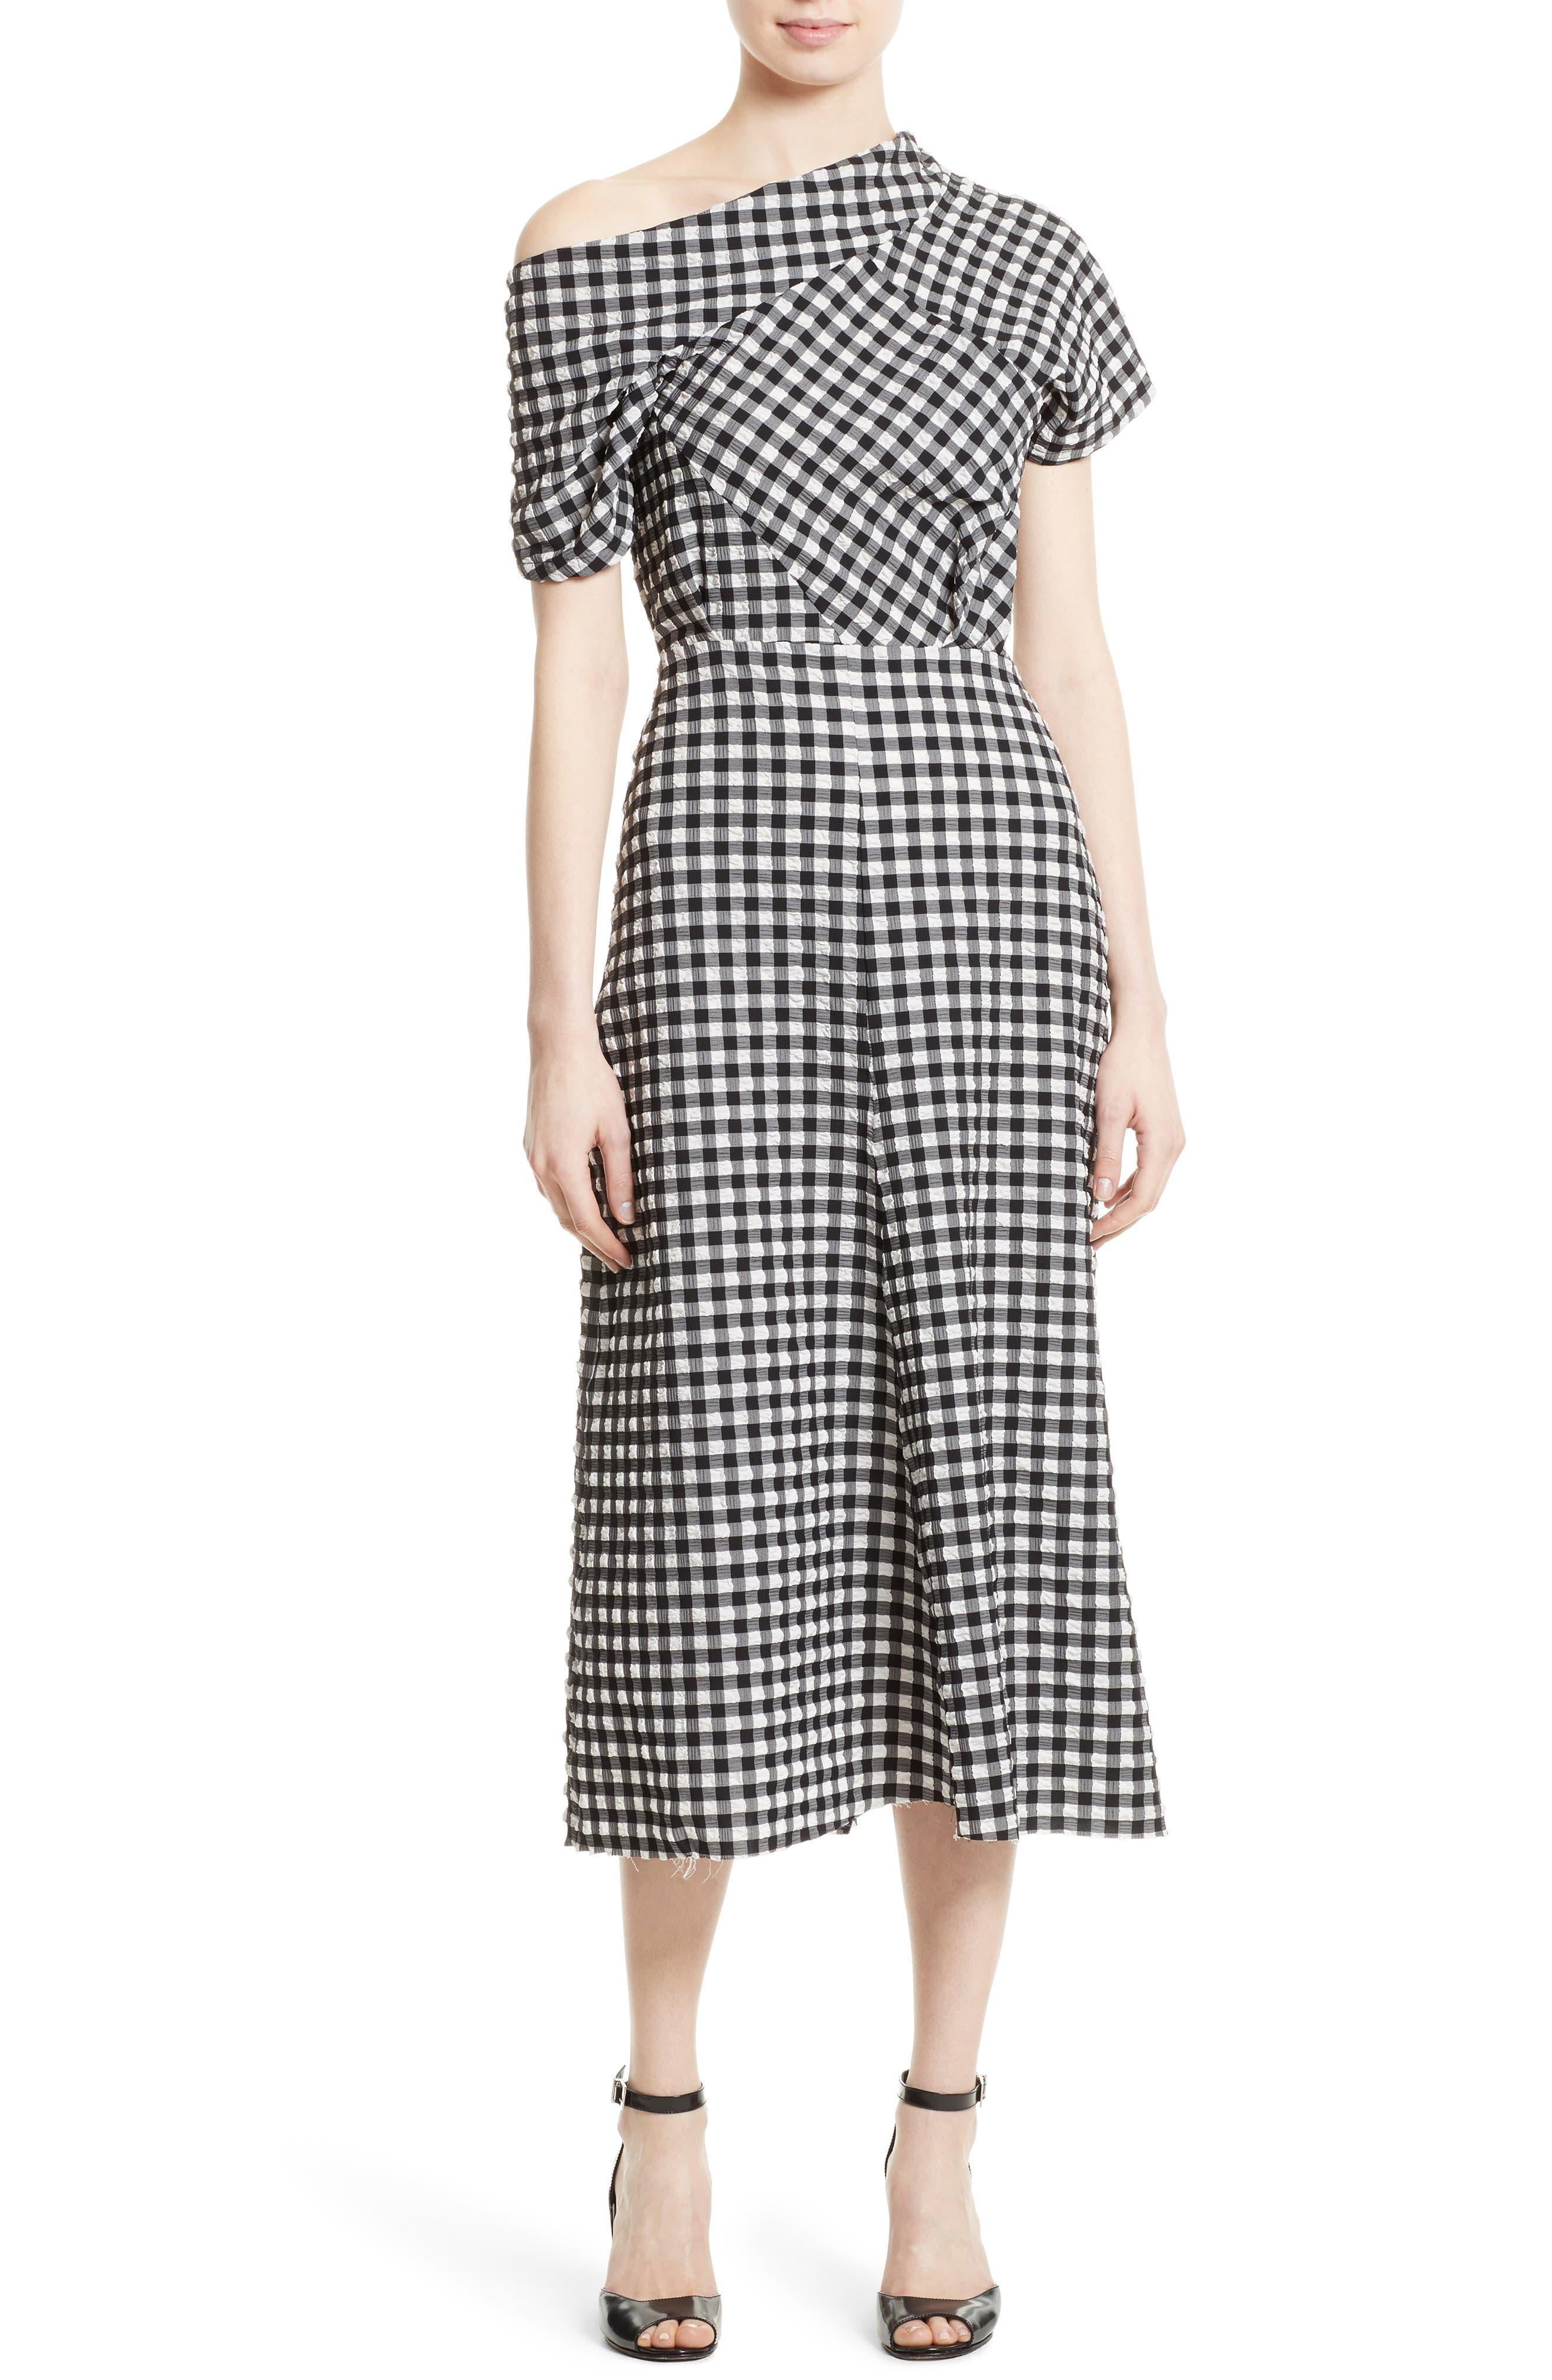 Alternate Image 1 Selected - Rachel Comey Pout One-Shoulder Midi Dress